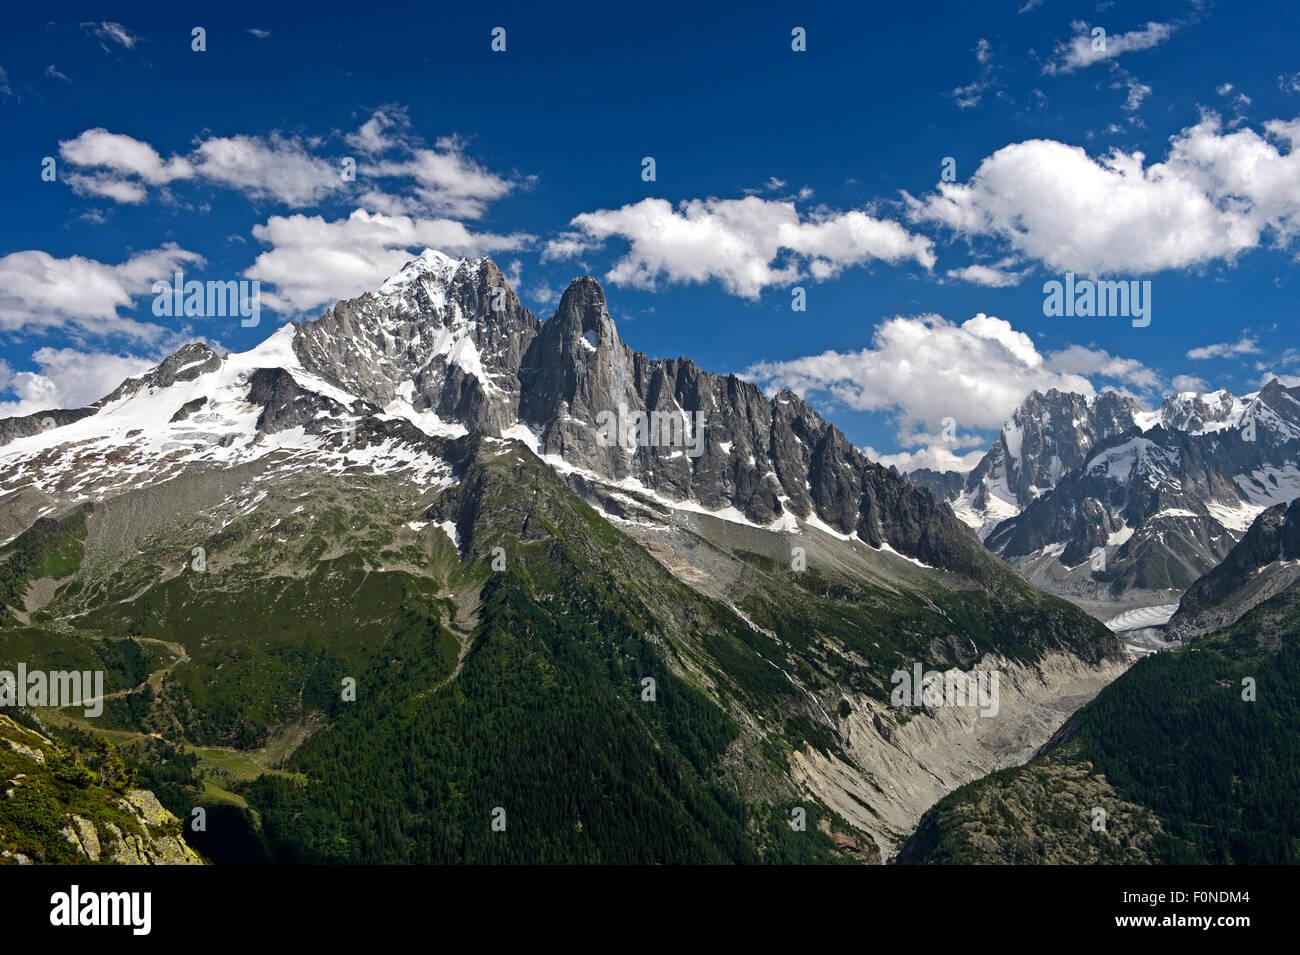 Aiguille Verte peak and Aiguille du Dru, Chamonix, Savoie Alps, Haute Savoie, France - Stock Image